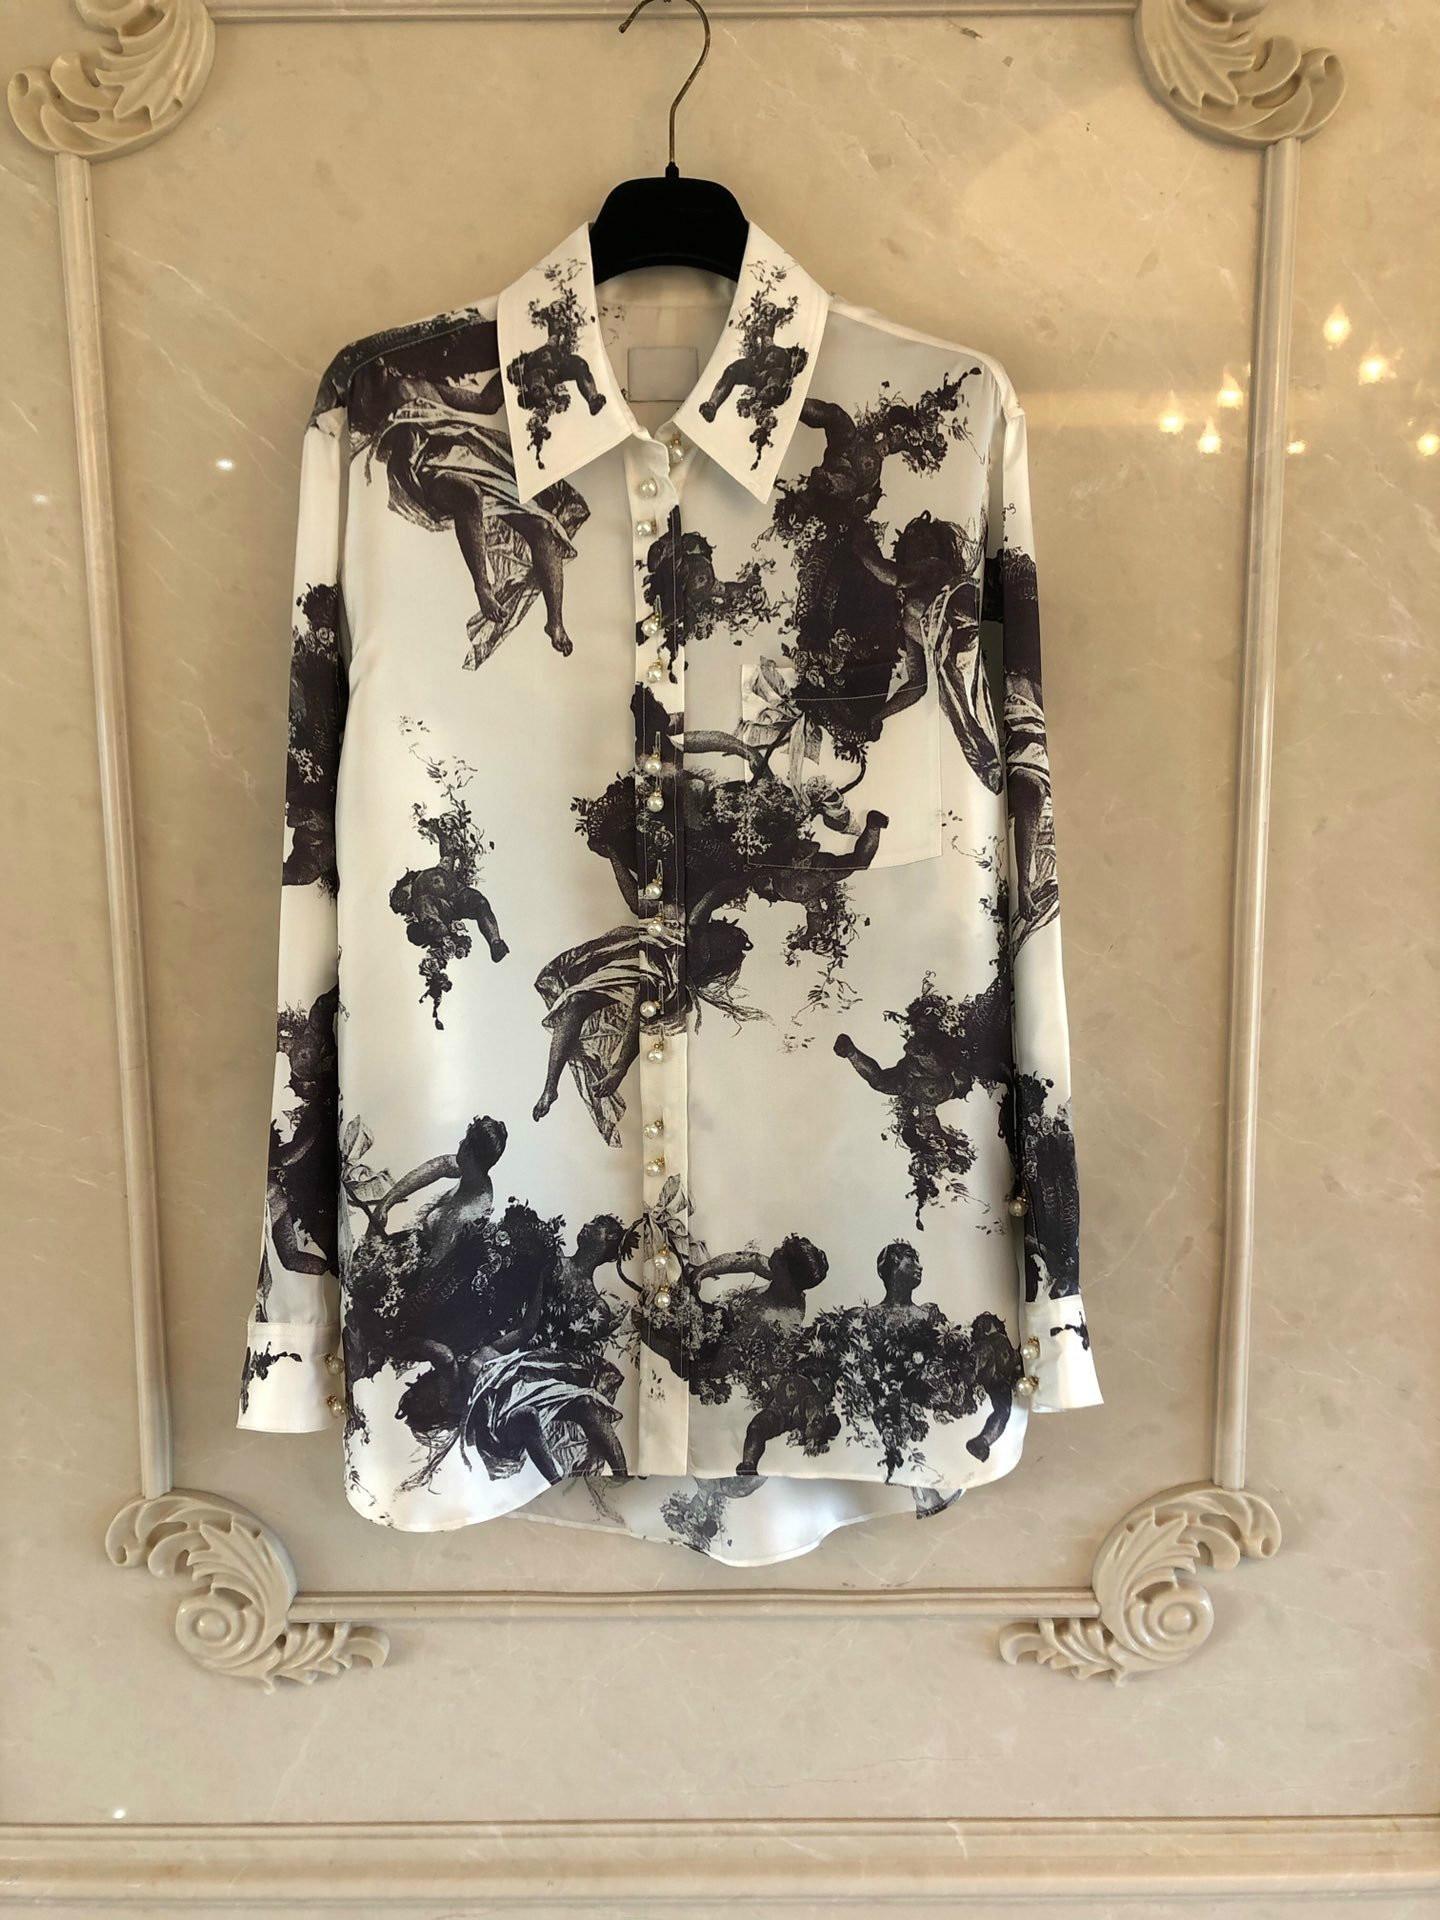 B336, Camisa estampada de tela de sarga de seda con estampado de Ángel, 24 botones decorados con perlas